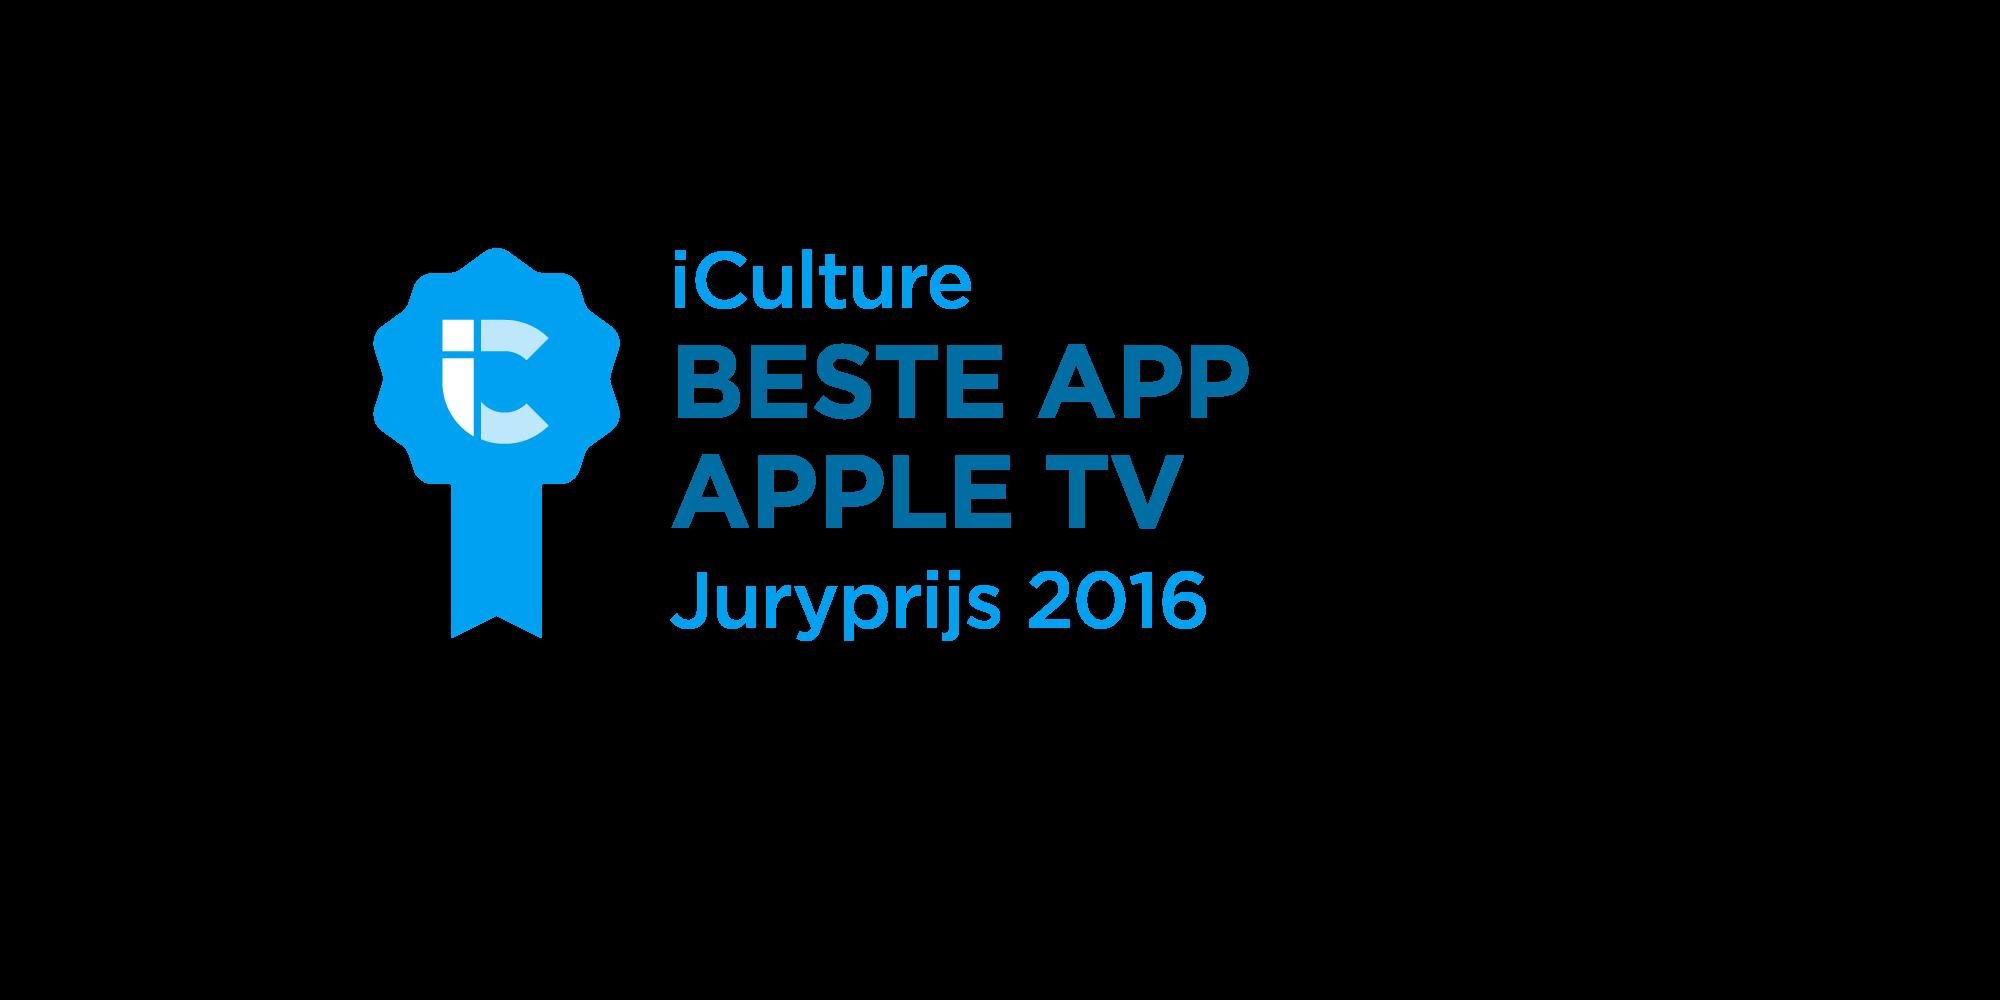 iCulture Beste Apple TV-app 2016